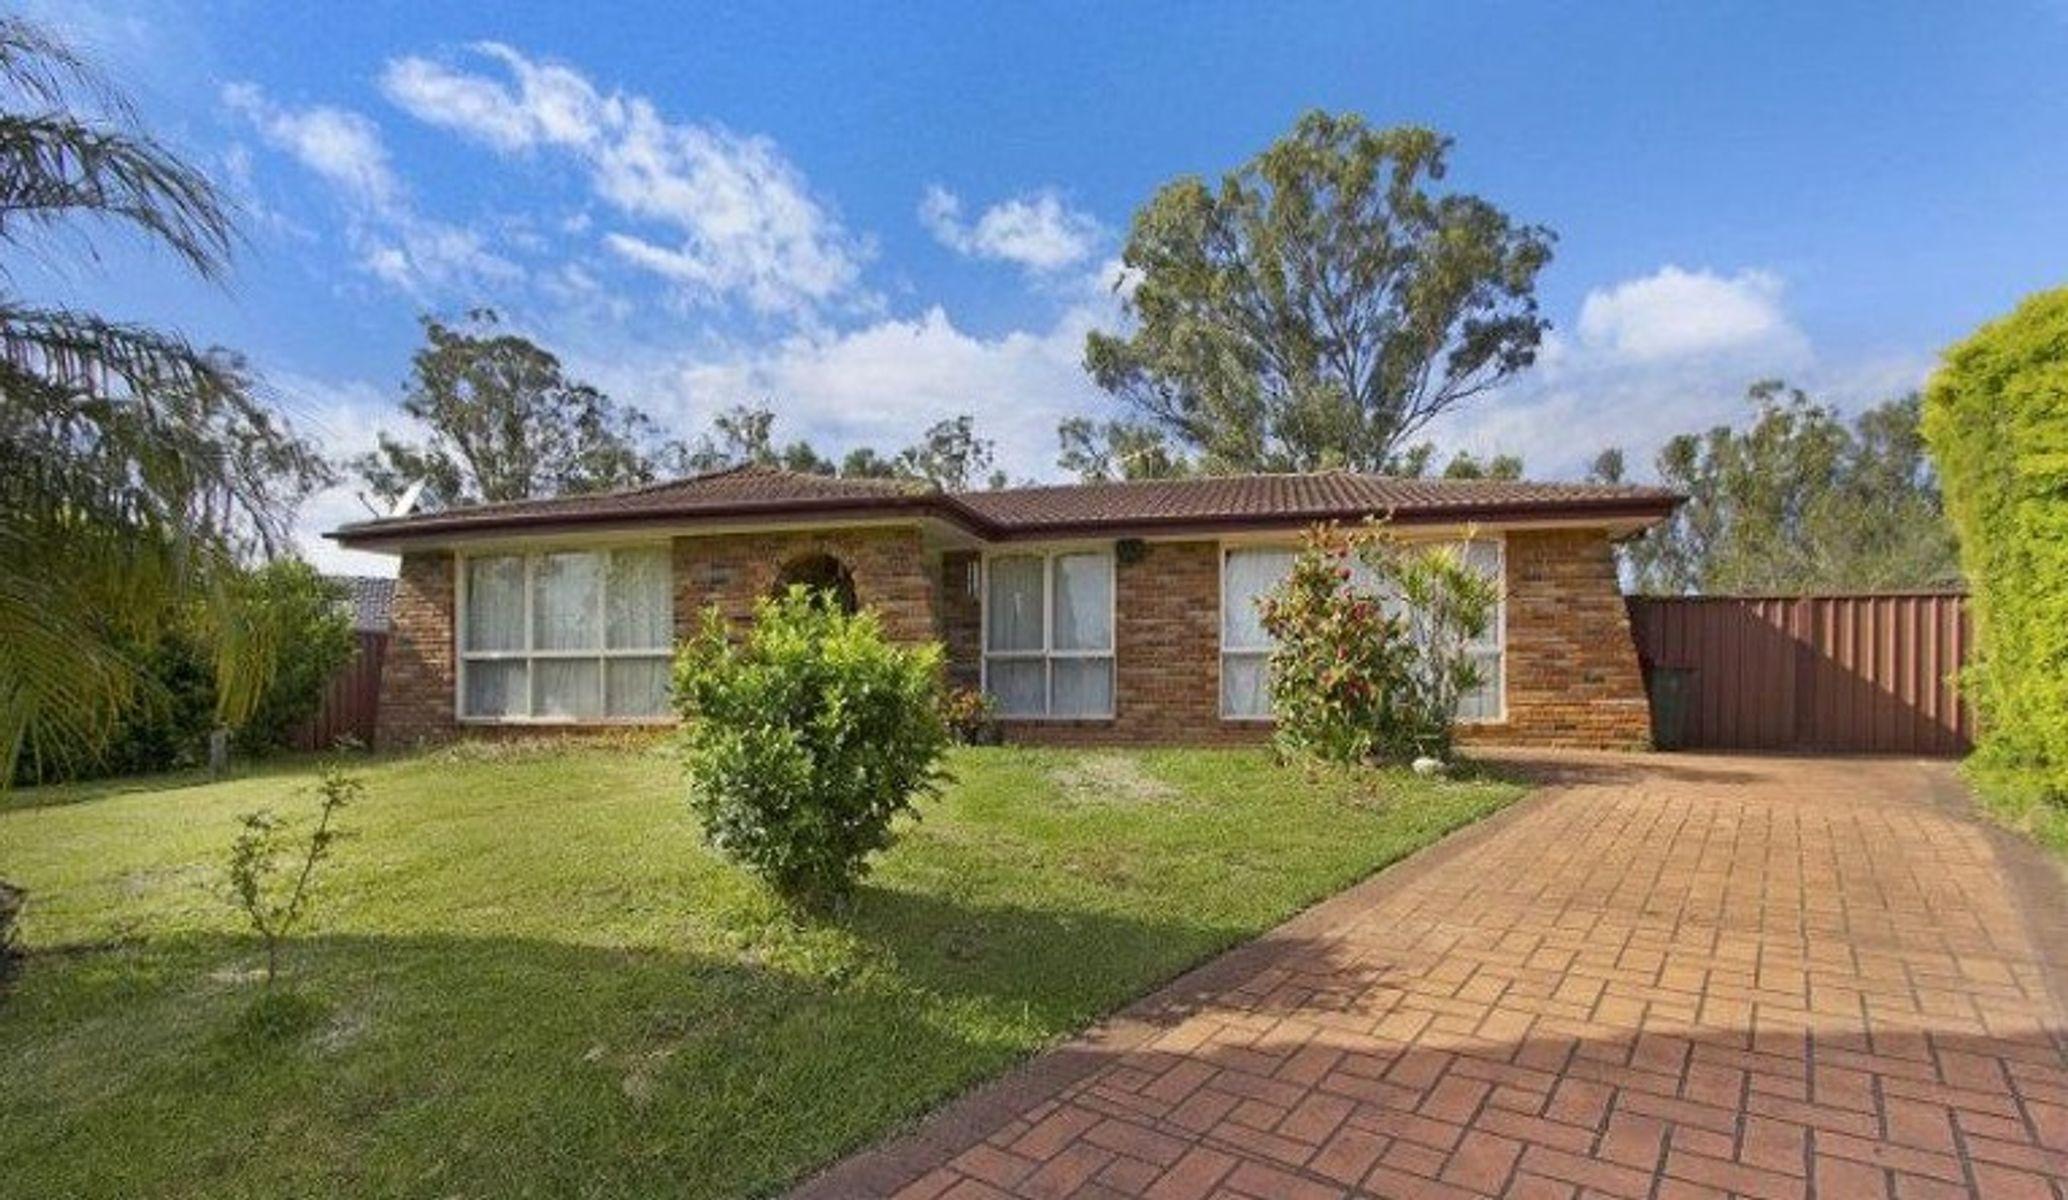 11 Grazier Place, Minchinbury, NSW 2770